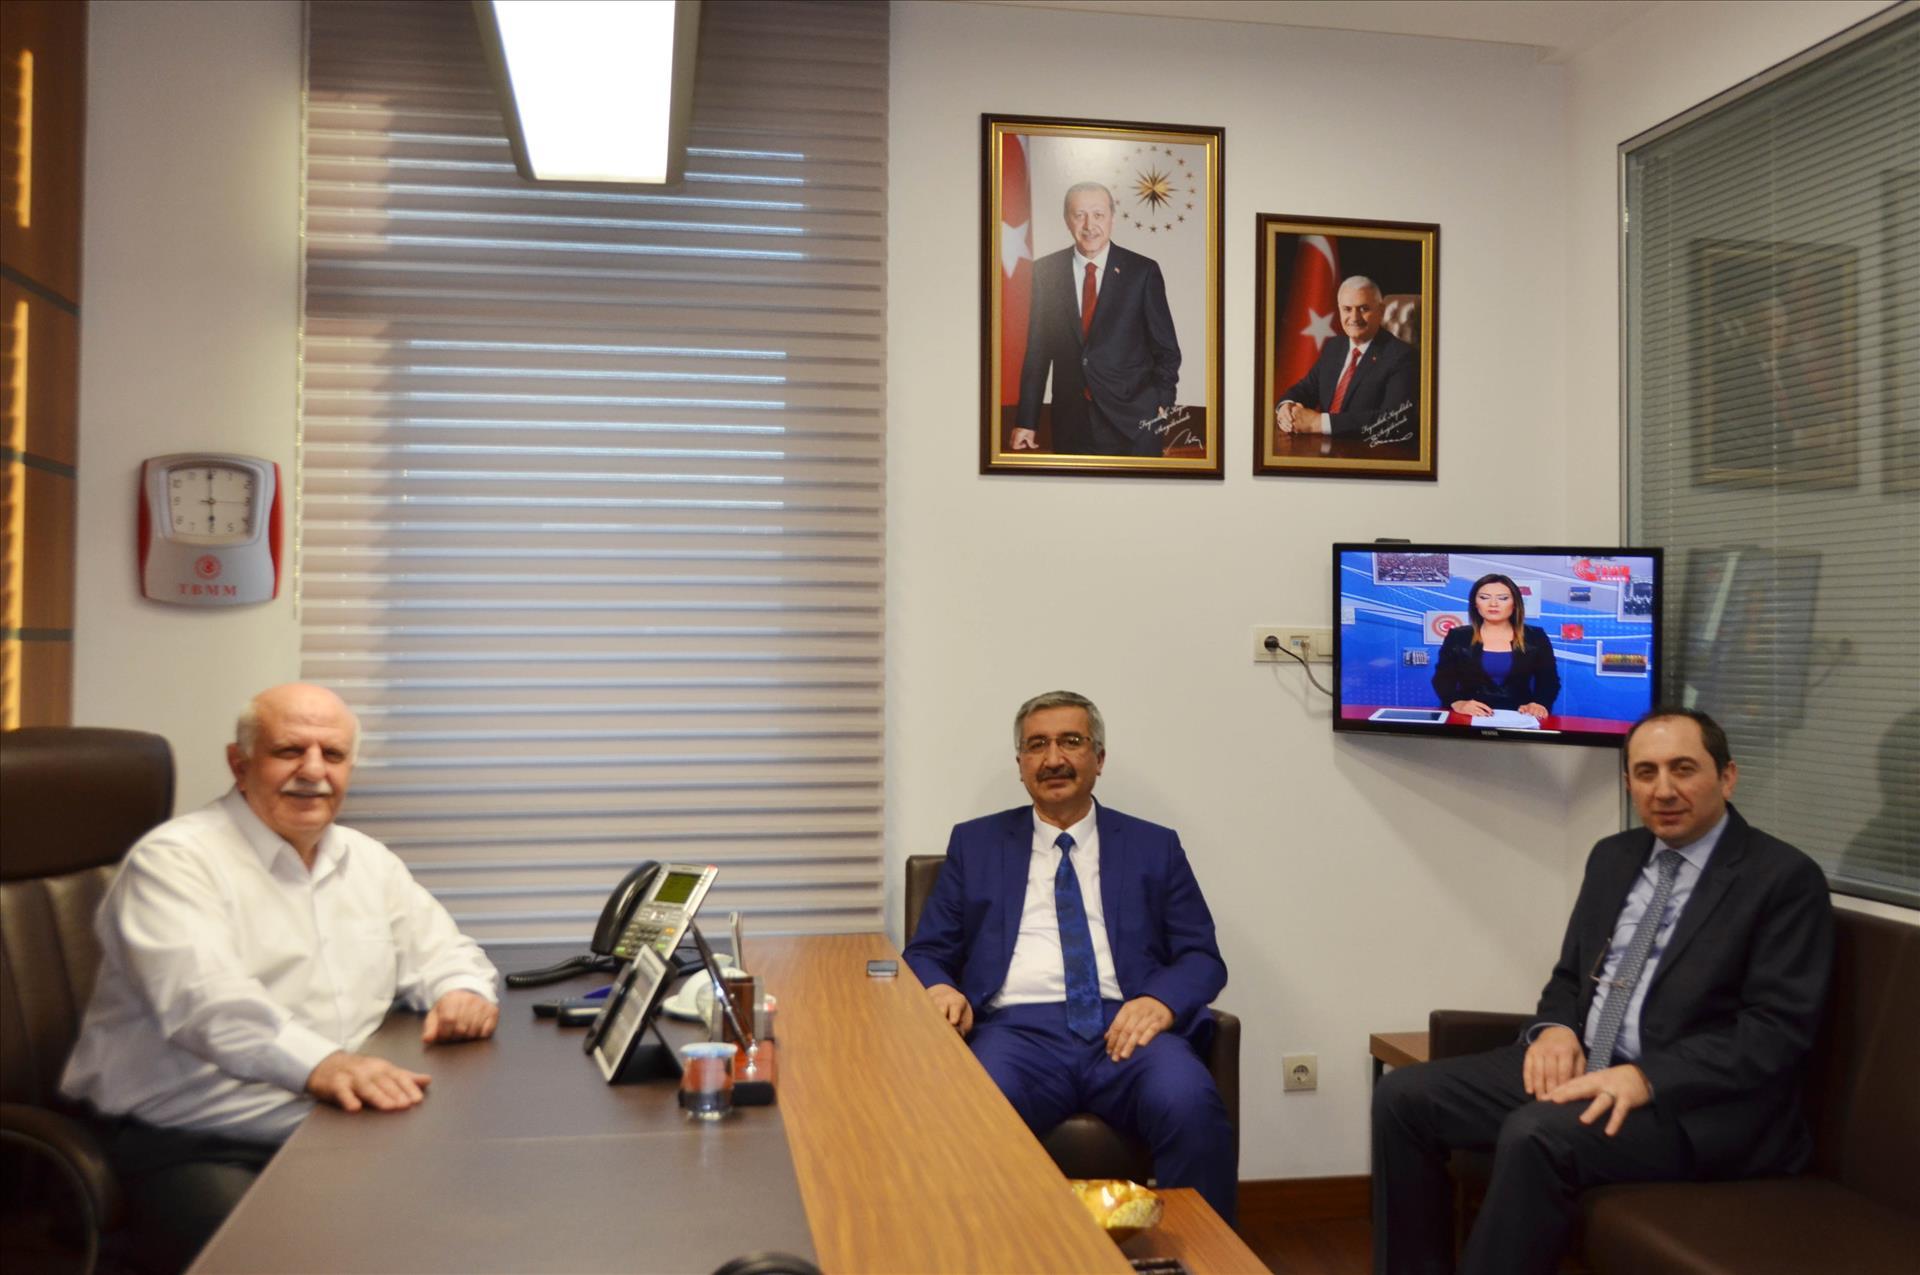 Vali Kılıç ve Rektör Prof. Dr. Alkan'dan AK Parti İstanbul Milletvekili Hemşehrimiz Kıyıklık'a Ziyaret